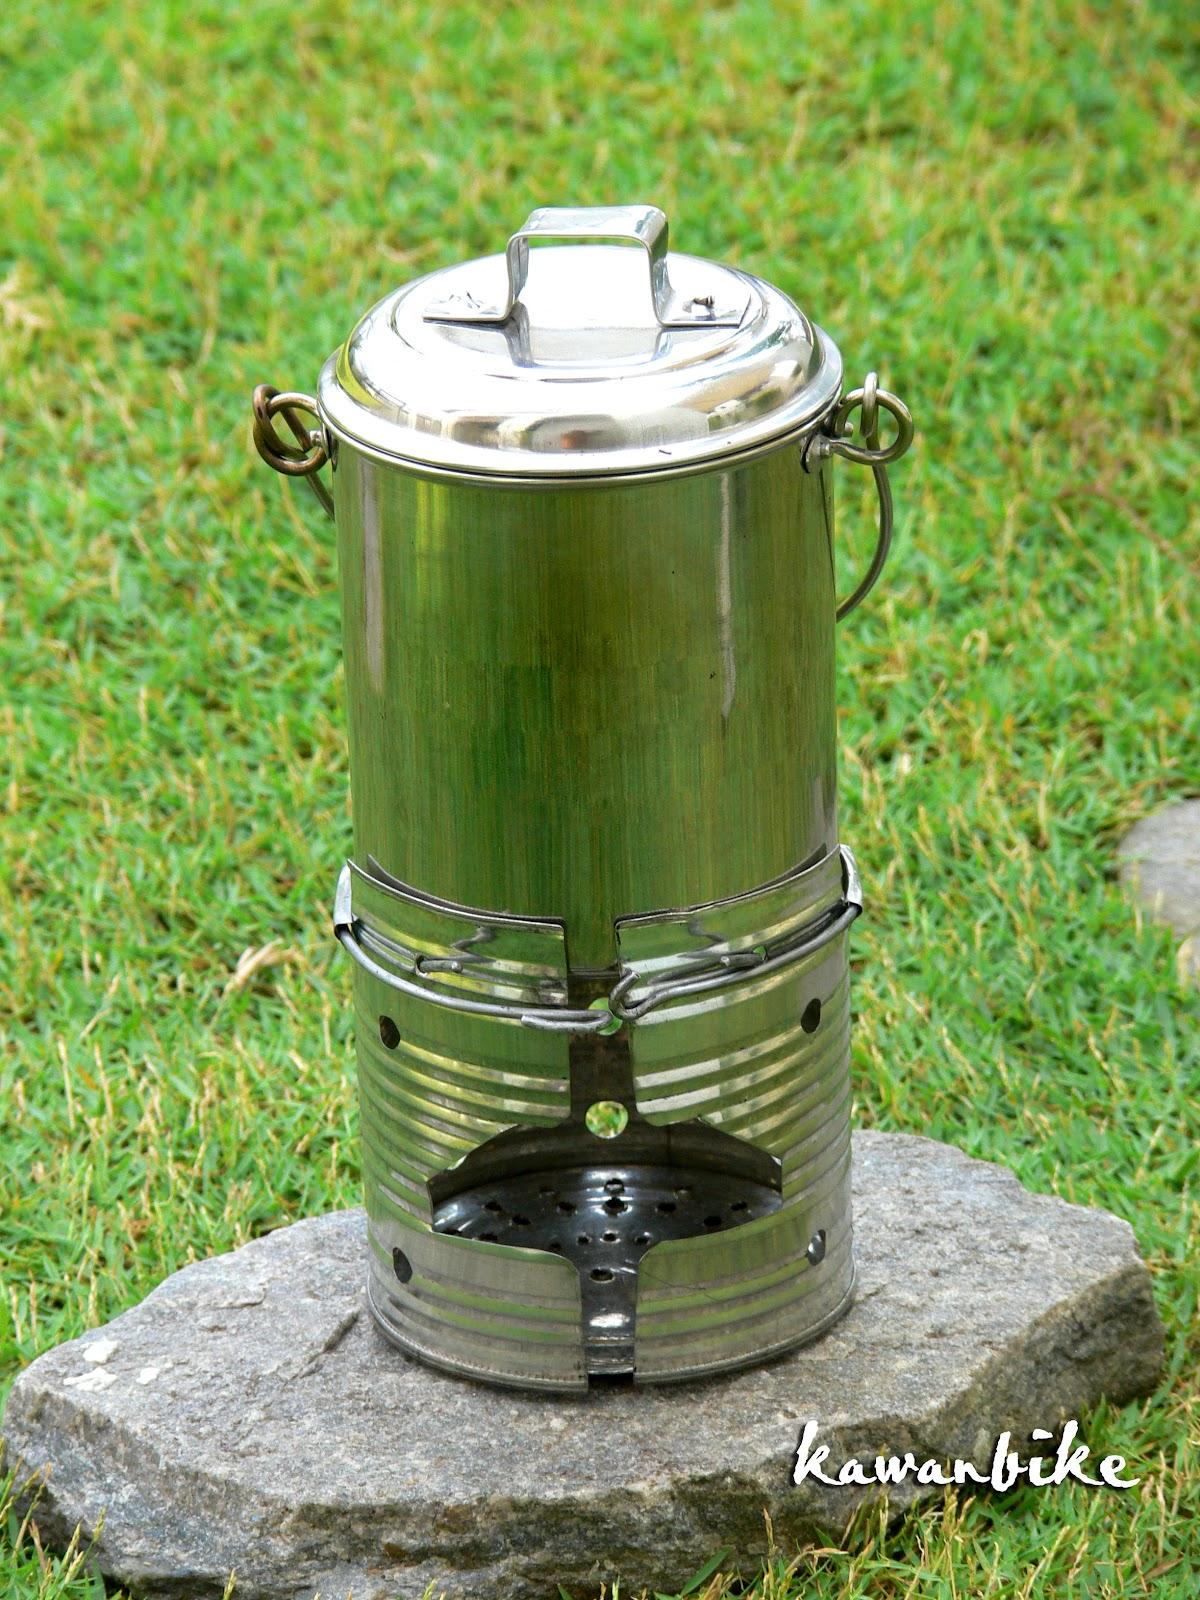 Kawanbike ultralight diy stove mini cook kit update for Diy cooking stove